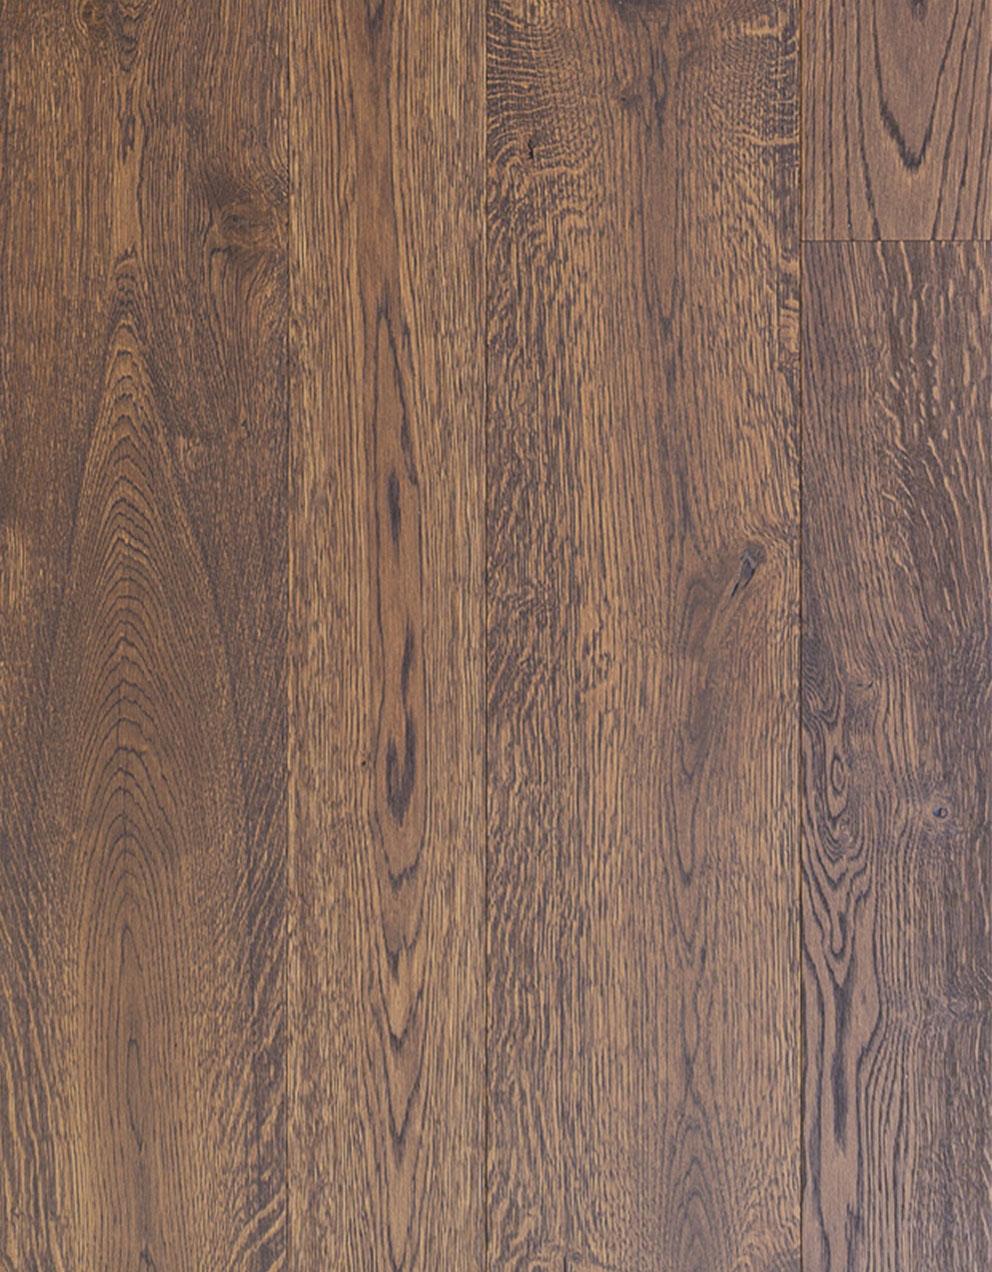 Tarima de madera Roble oscuro